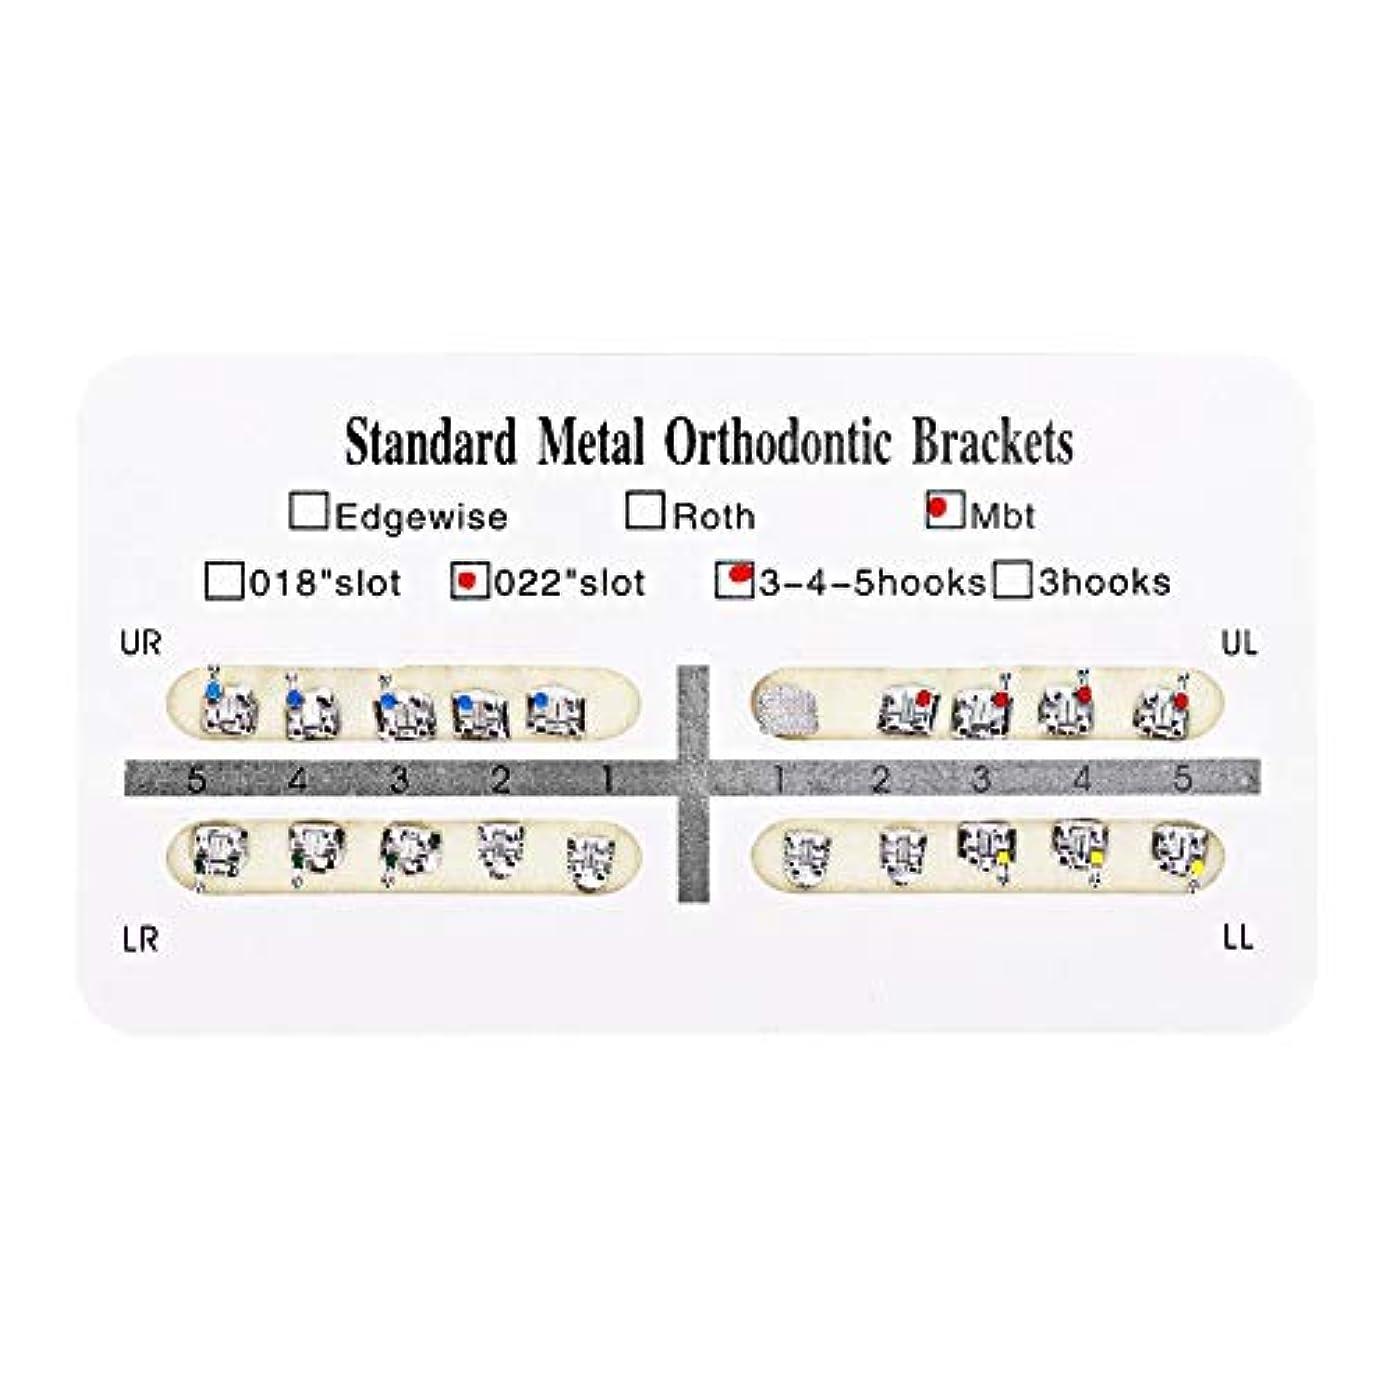 フォルダ思春期バウンスNITRIP 10パック 歯科矯正ブラケット クリニーク歯科ツール (Mbt)